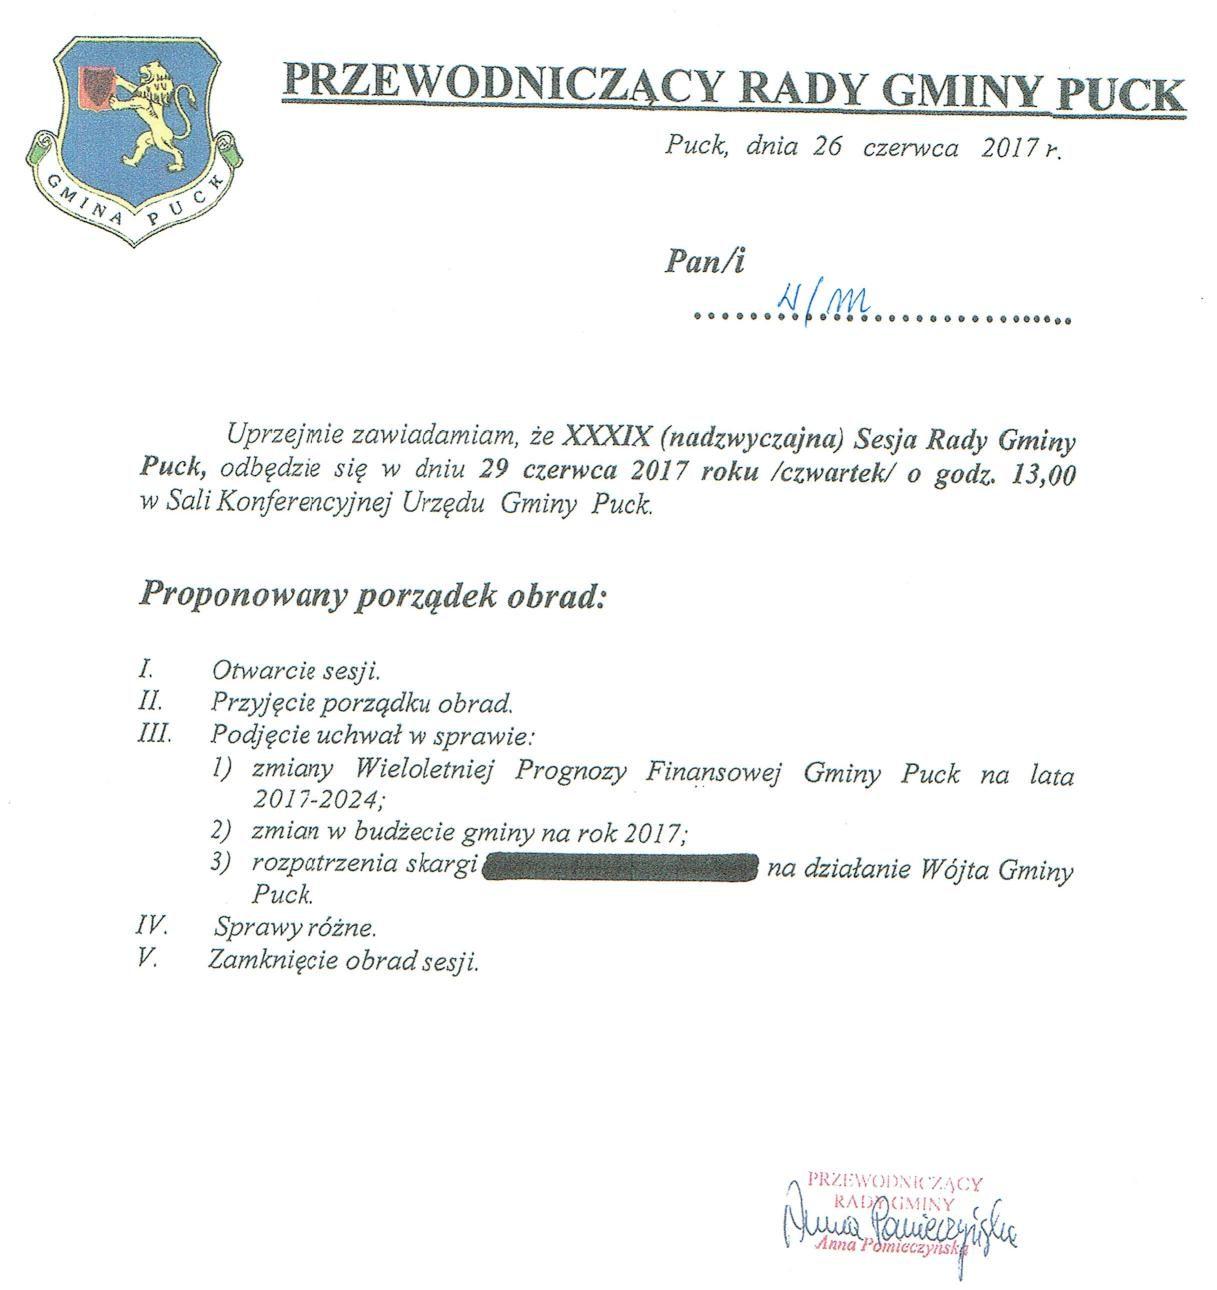 Proponowany porządek obrad XXXIX(nadzwyczajnej) sesji Rady Gminy Puck - dnia 29 czerwca 2017 roku_01